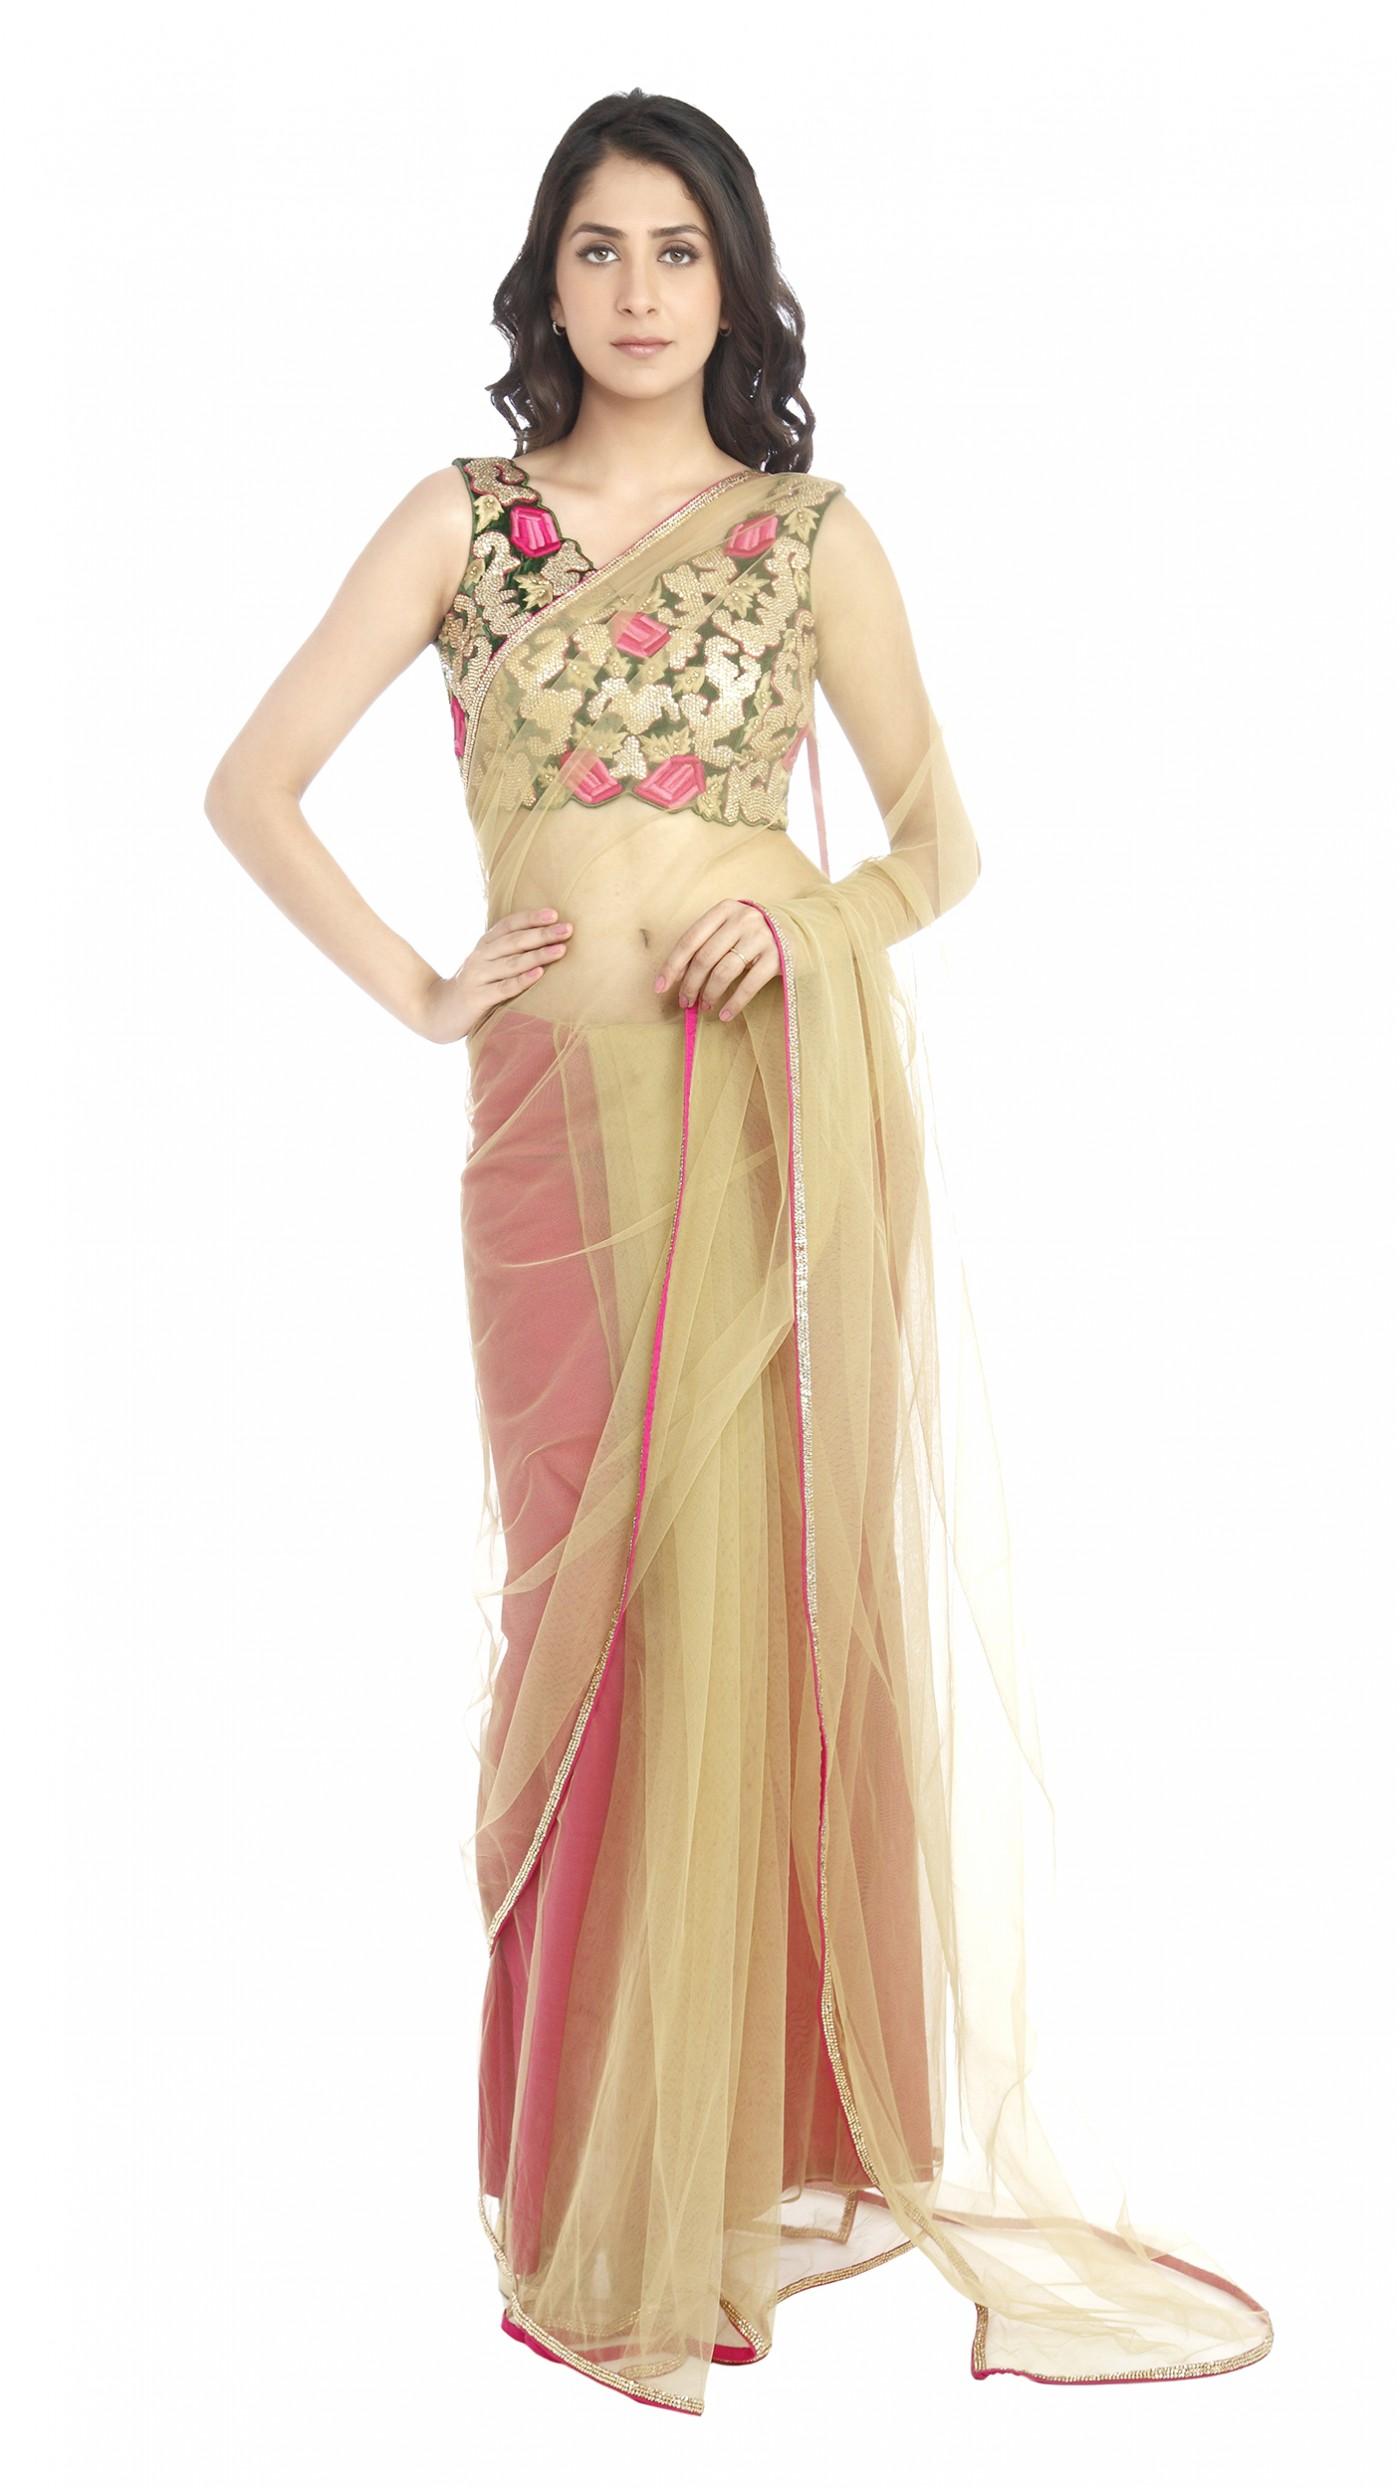 Pink Saree: Mayyur Girotra's Beige And Hot Pink Saree